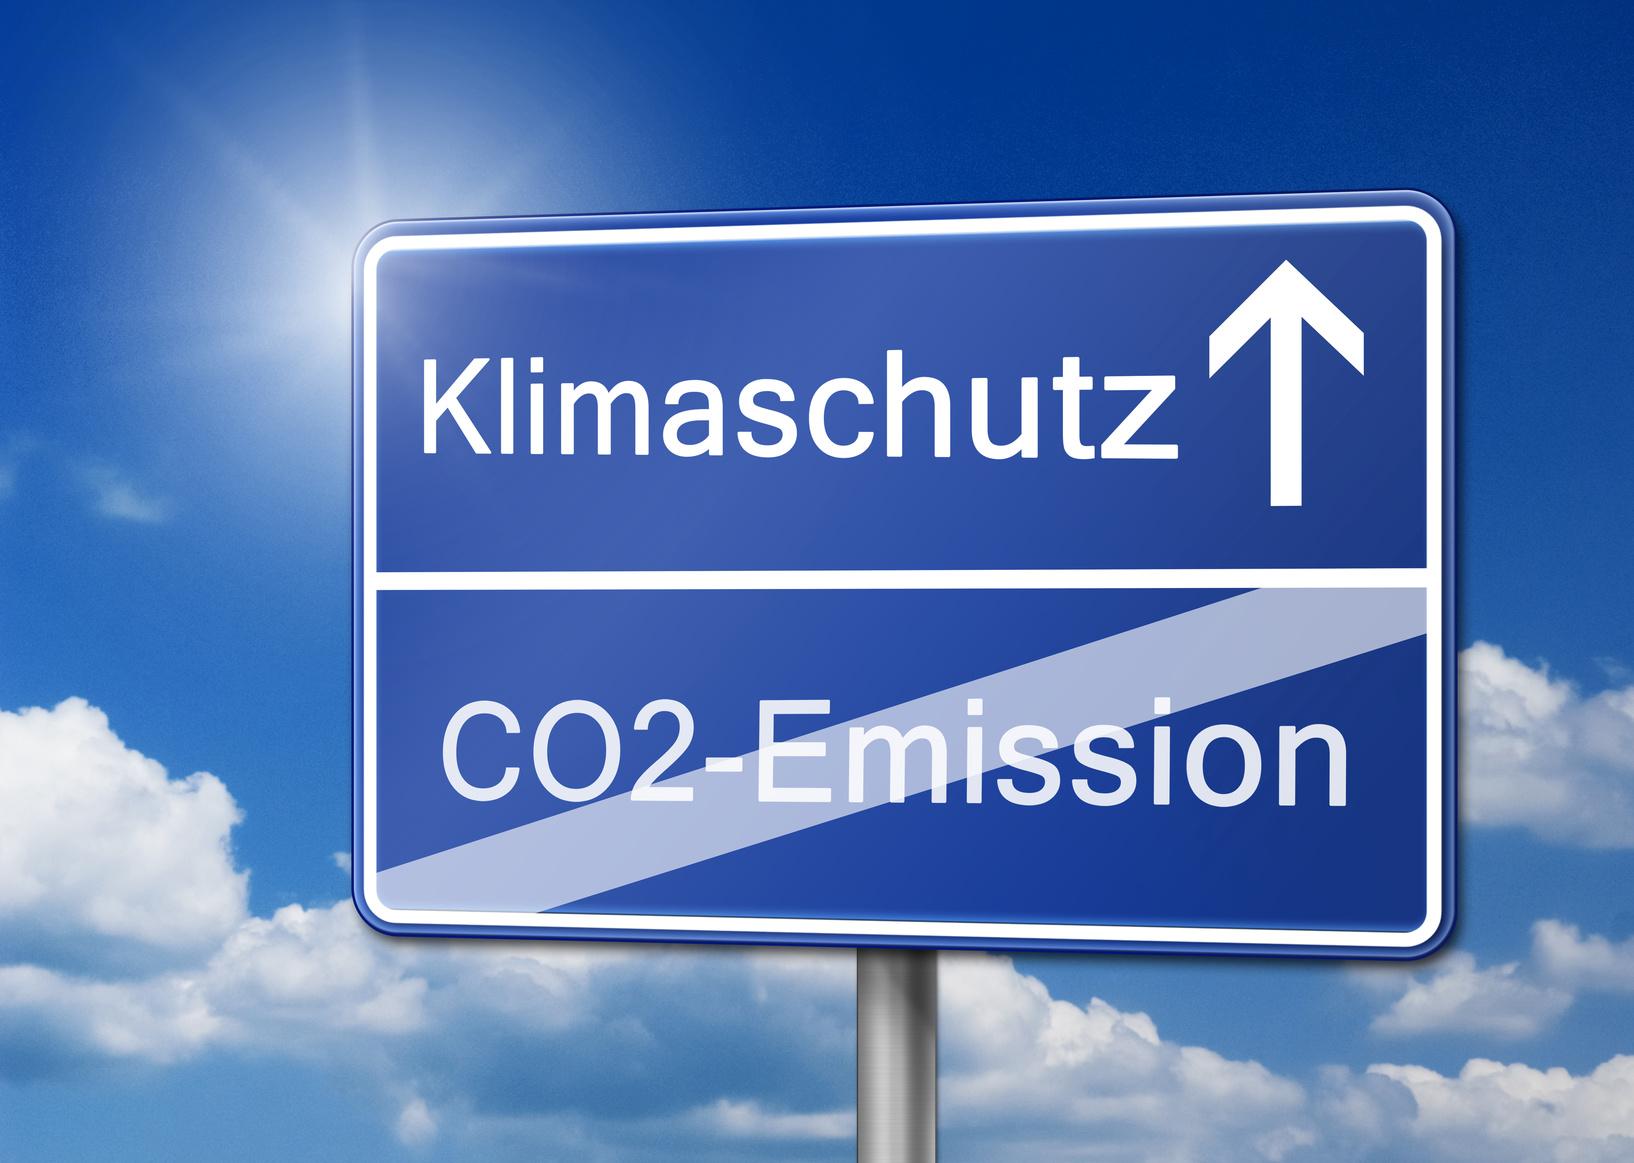 Nationaler Emissionshandel wird mit höherem CO2-Preis von 25 €/t in 2021 starten!